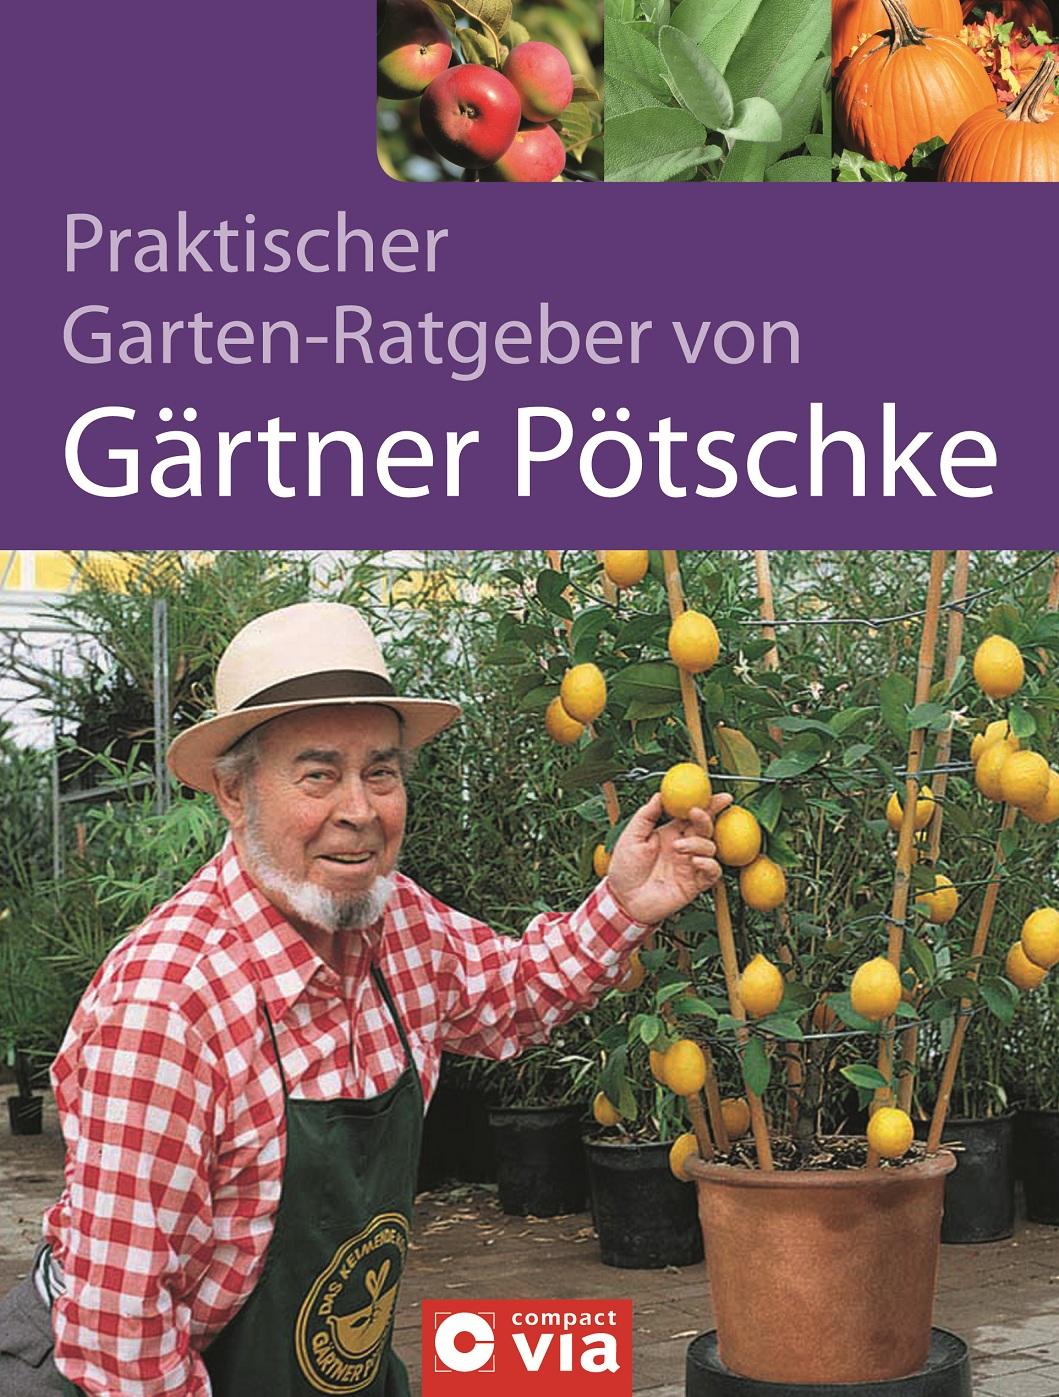 Praktischer Garten-Ratgeber von Gärtner Pötschk...